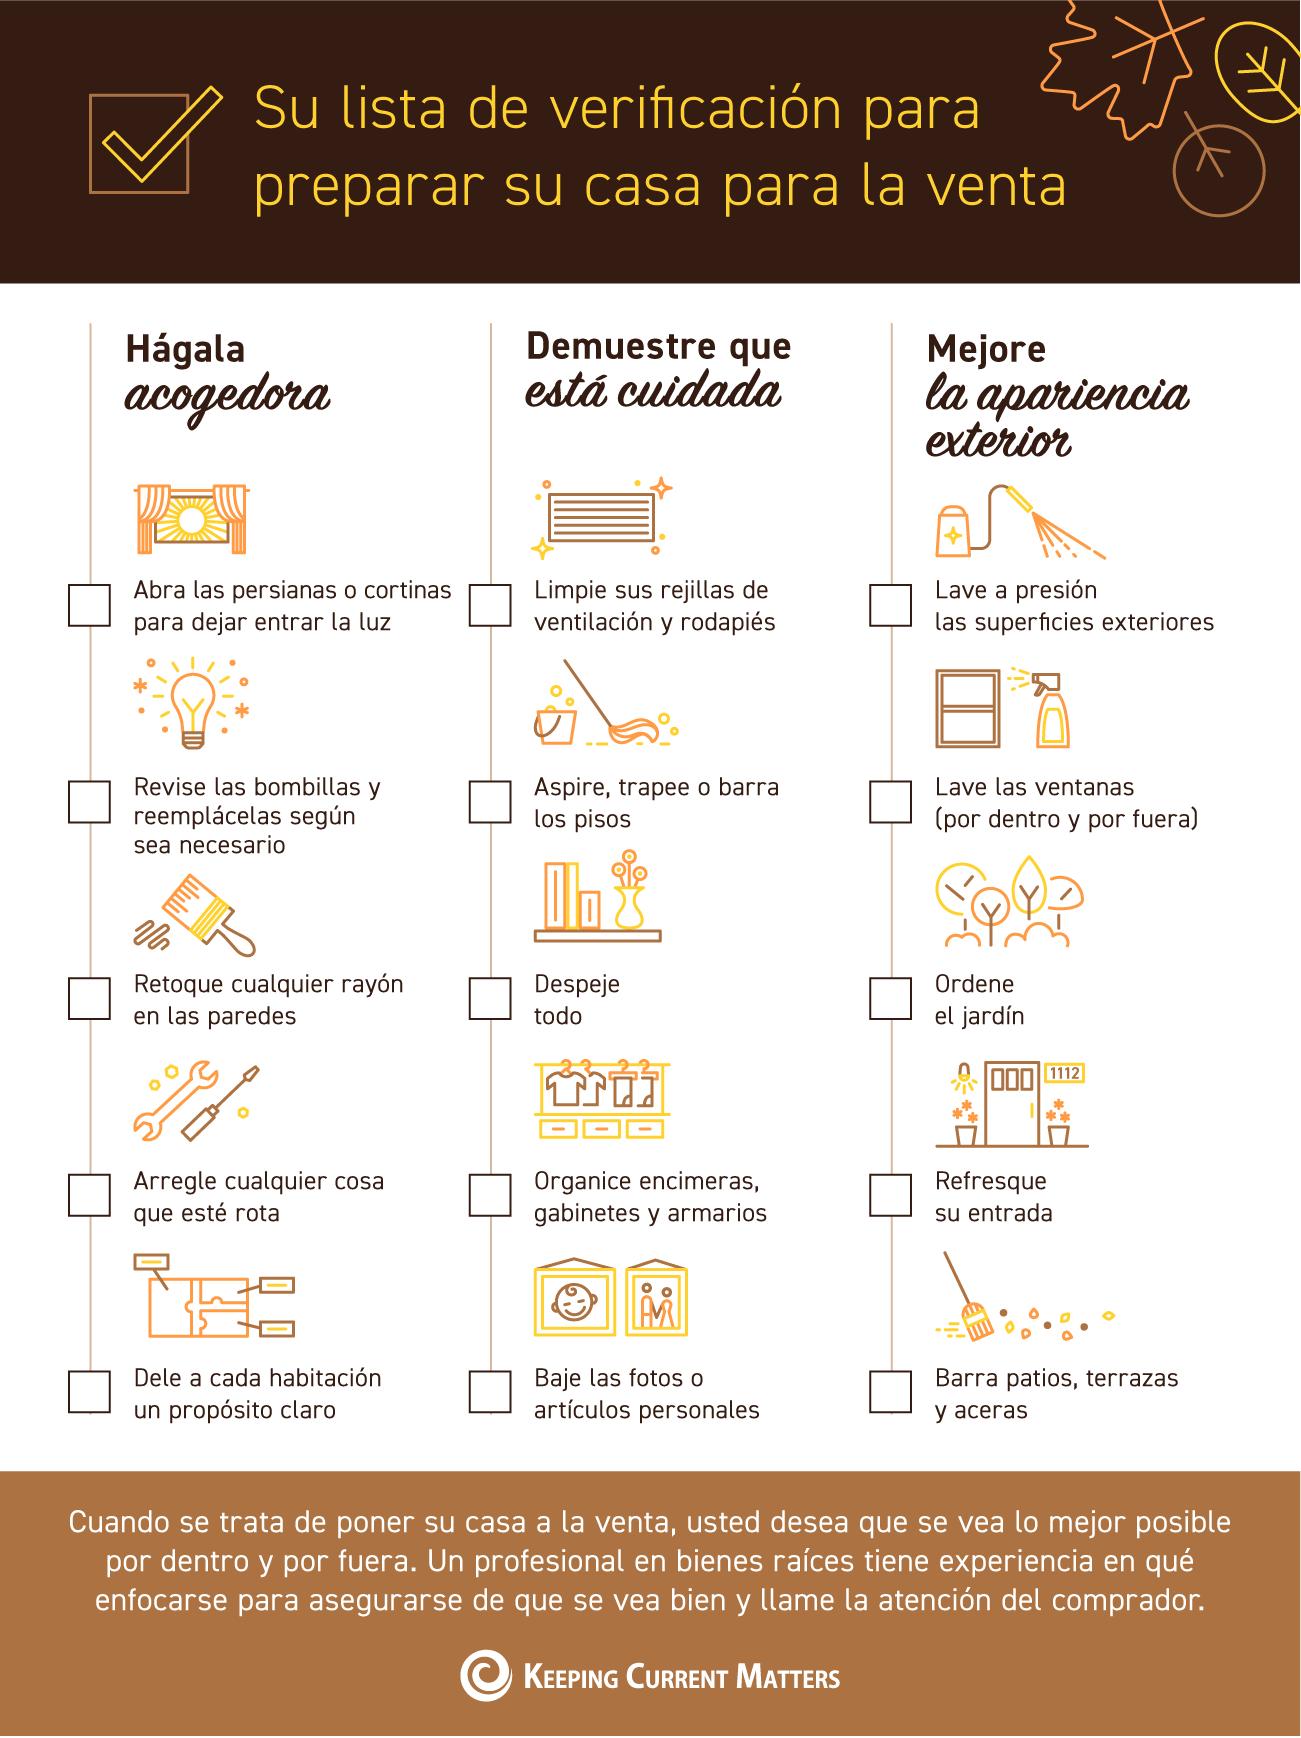 Su lista de verificación para prepararse para la venta [infografía] | Keeping Current Matters